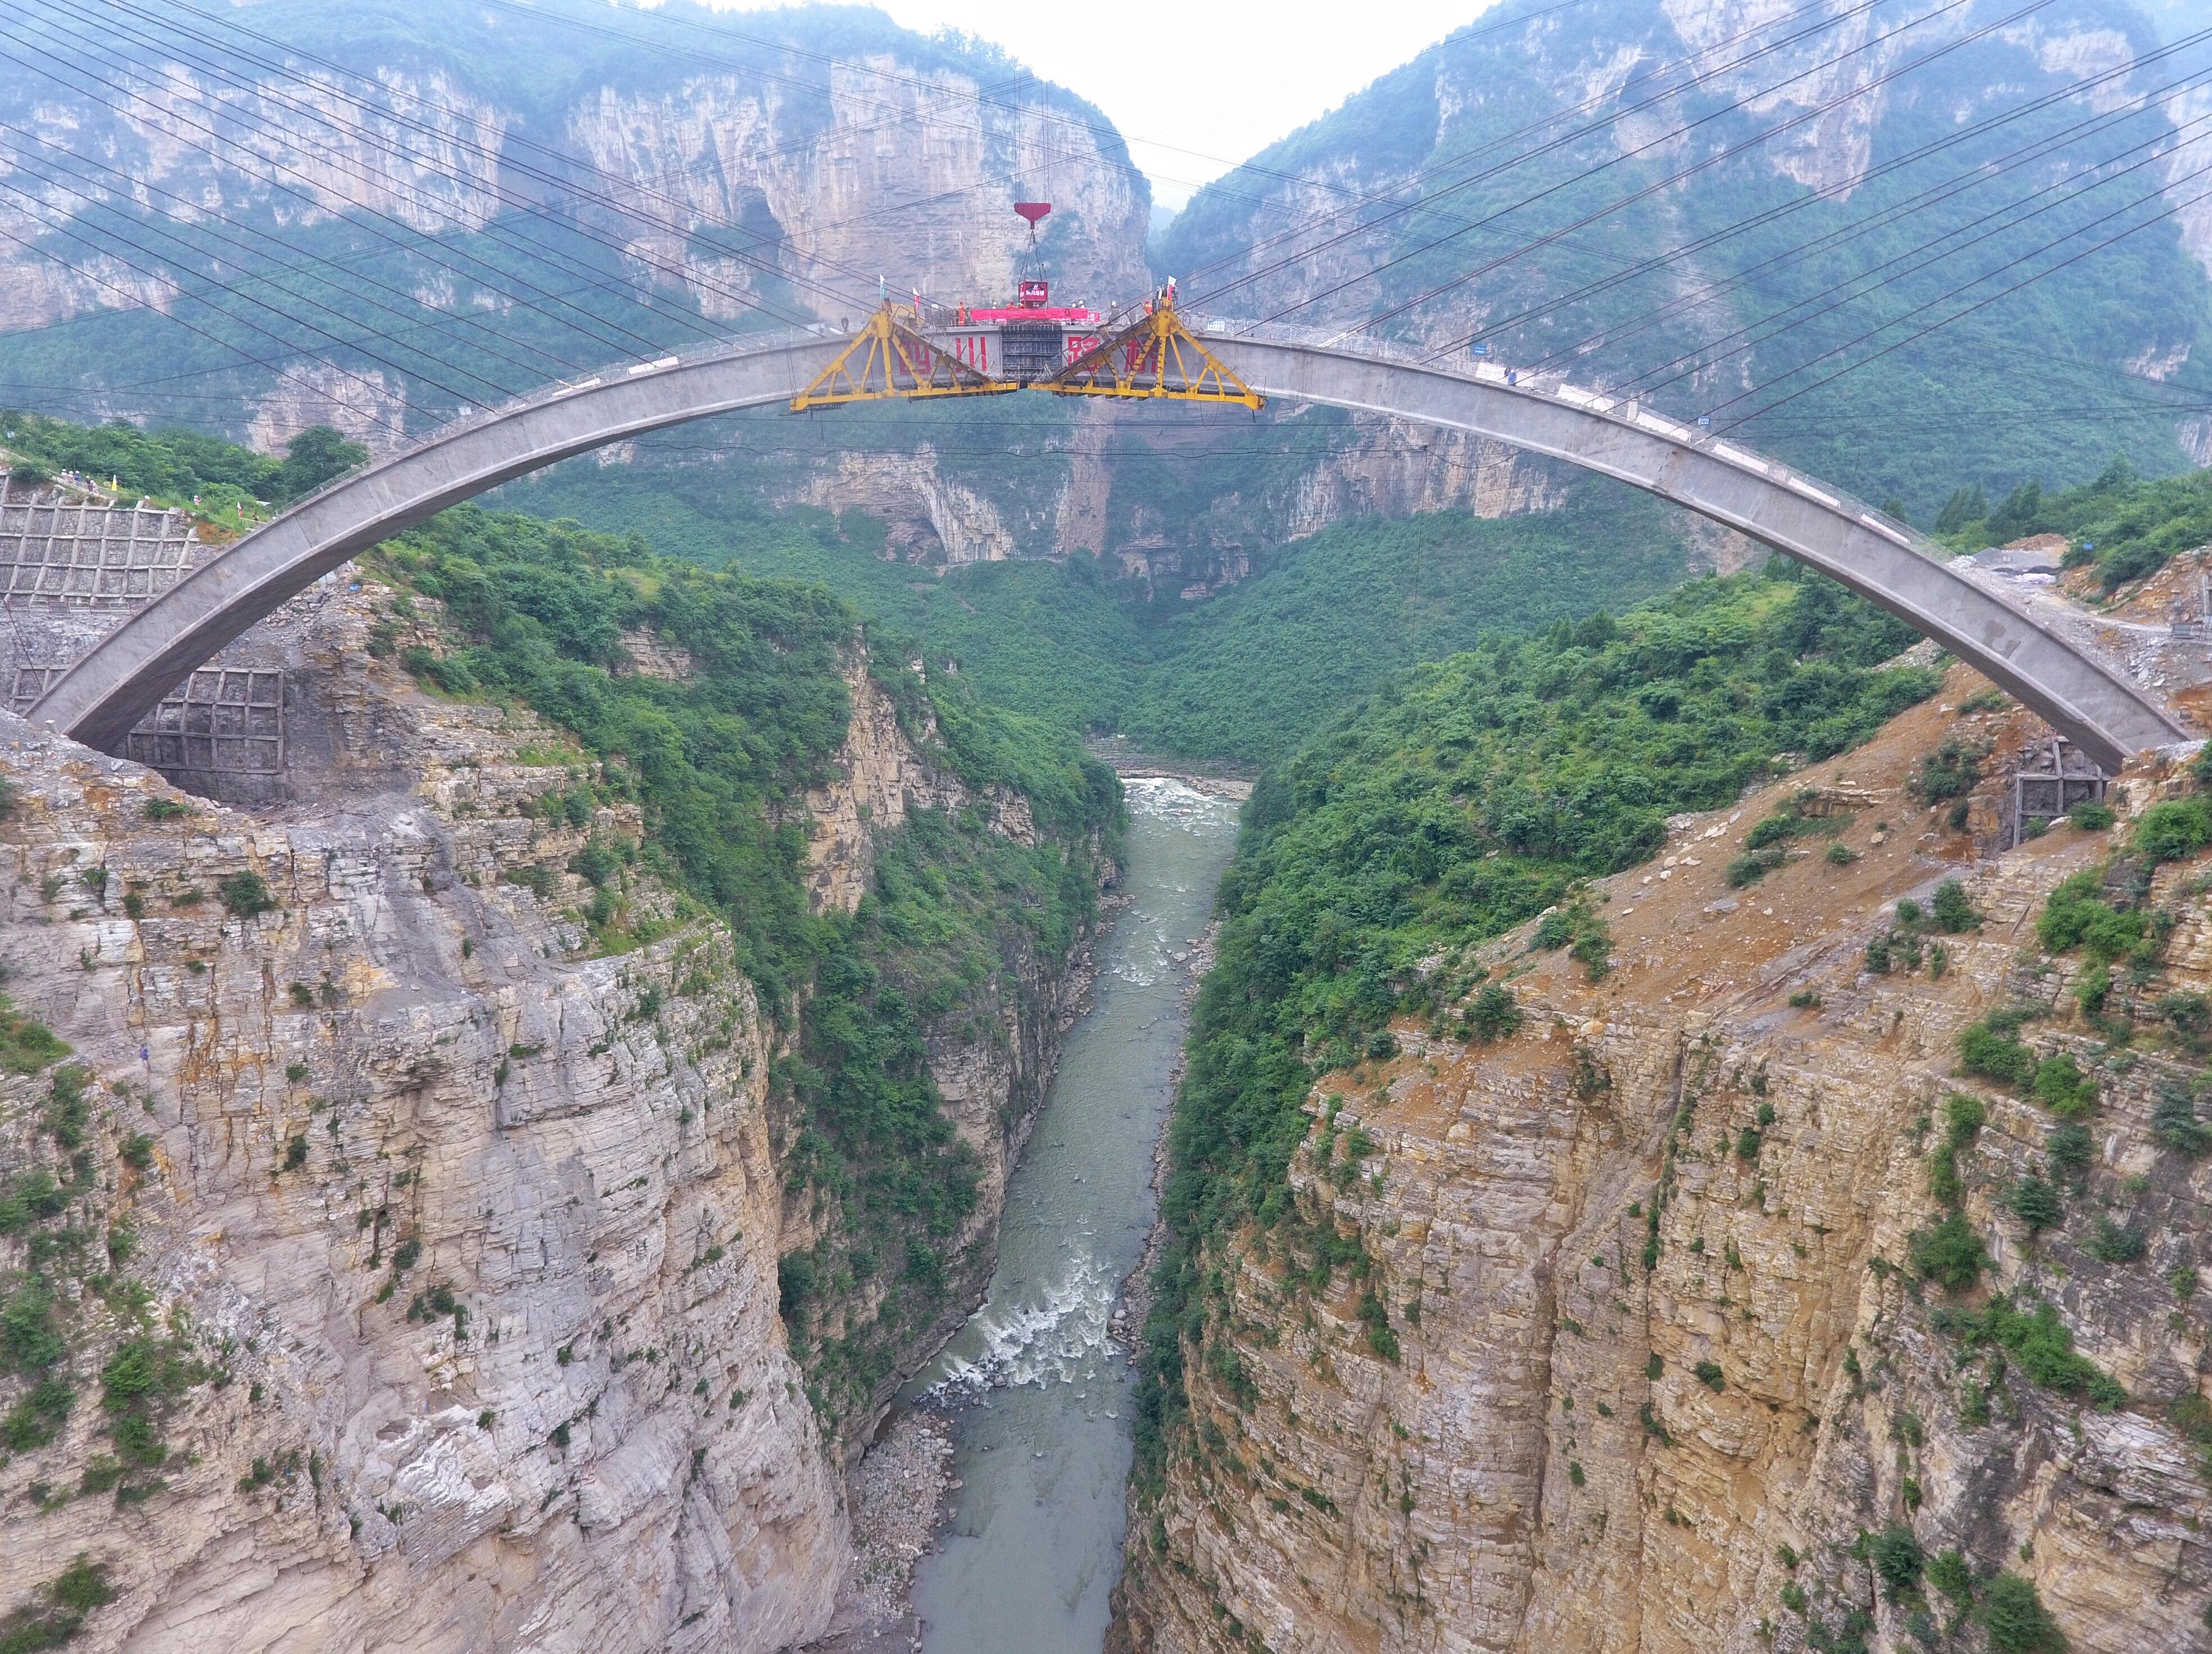 鸡鸣三省大桥主拱圈合龙 年底将建成通车